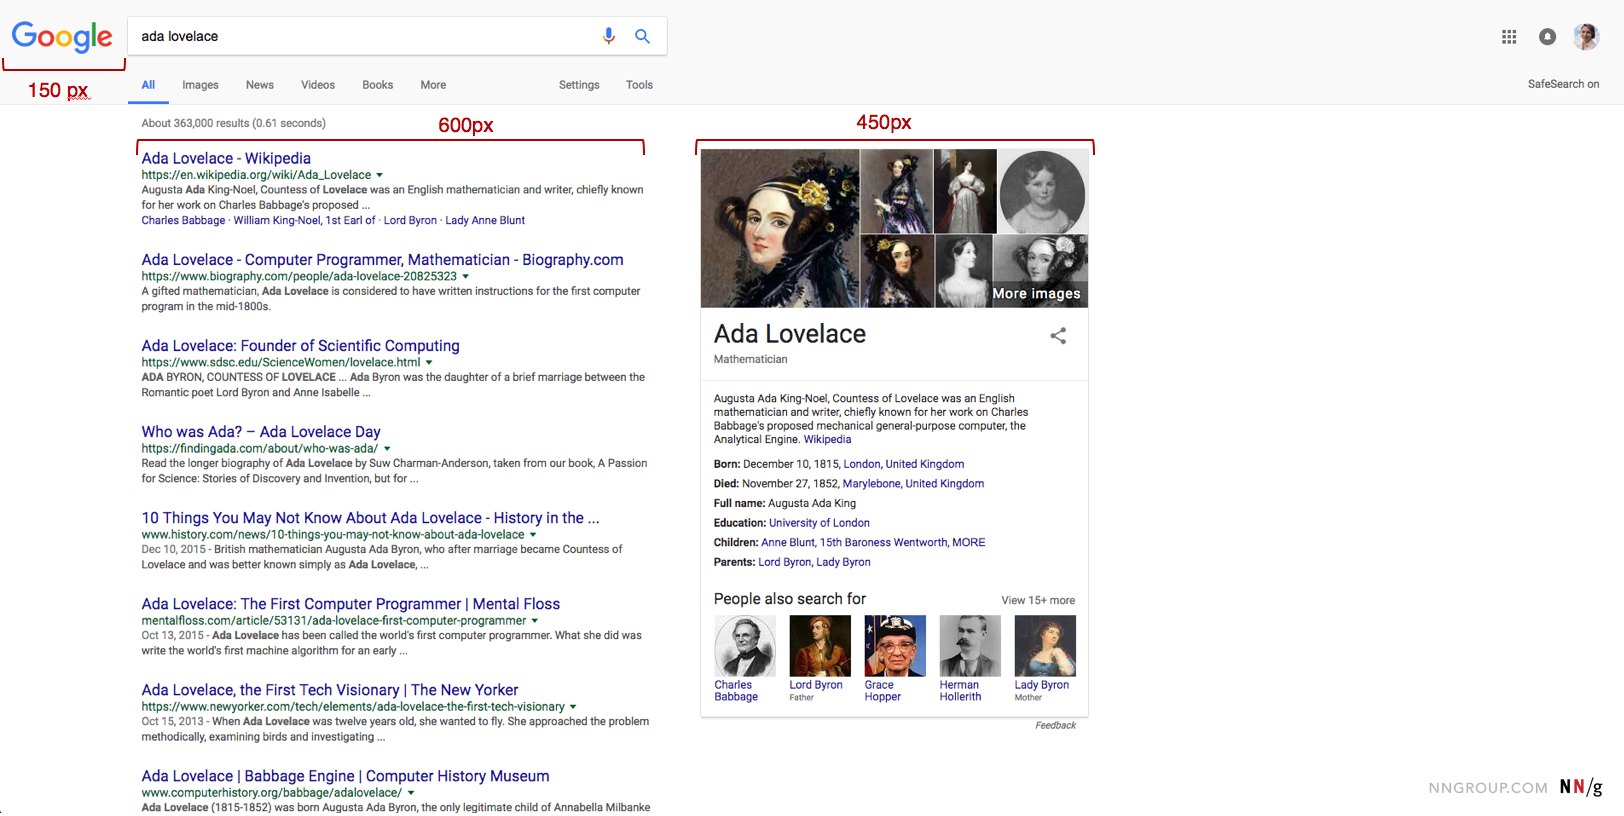 带知识面板的谷歌SERP